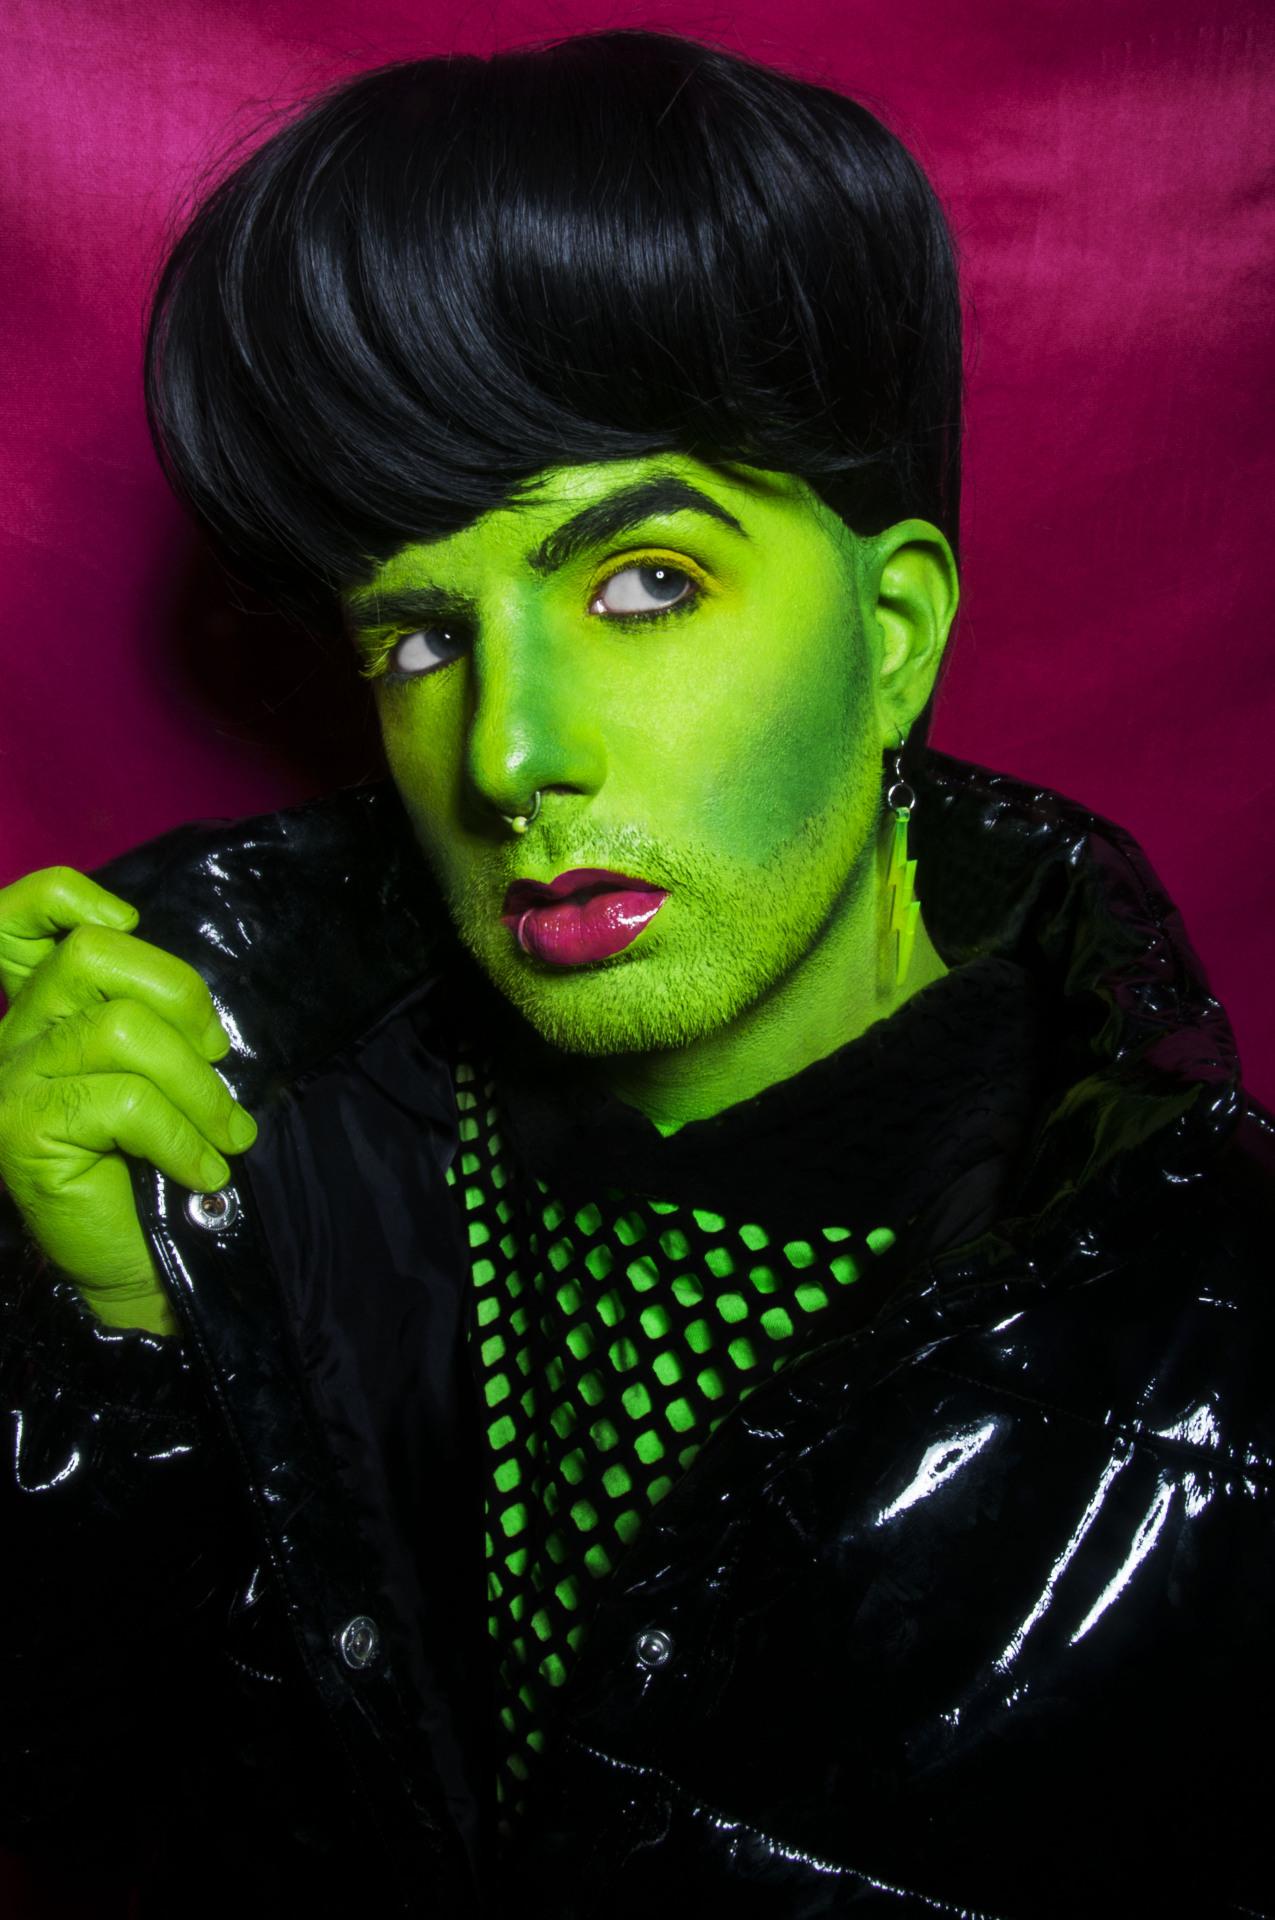 Frankenstein . ethanoille #frankenstein#Halloween#lightning#bolt#queer artist#my face#art